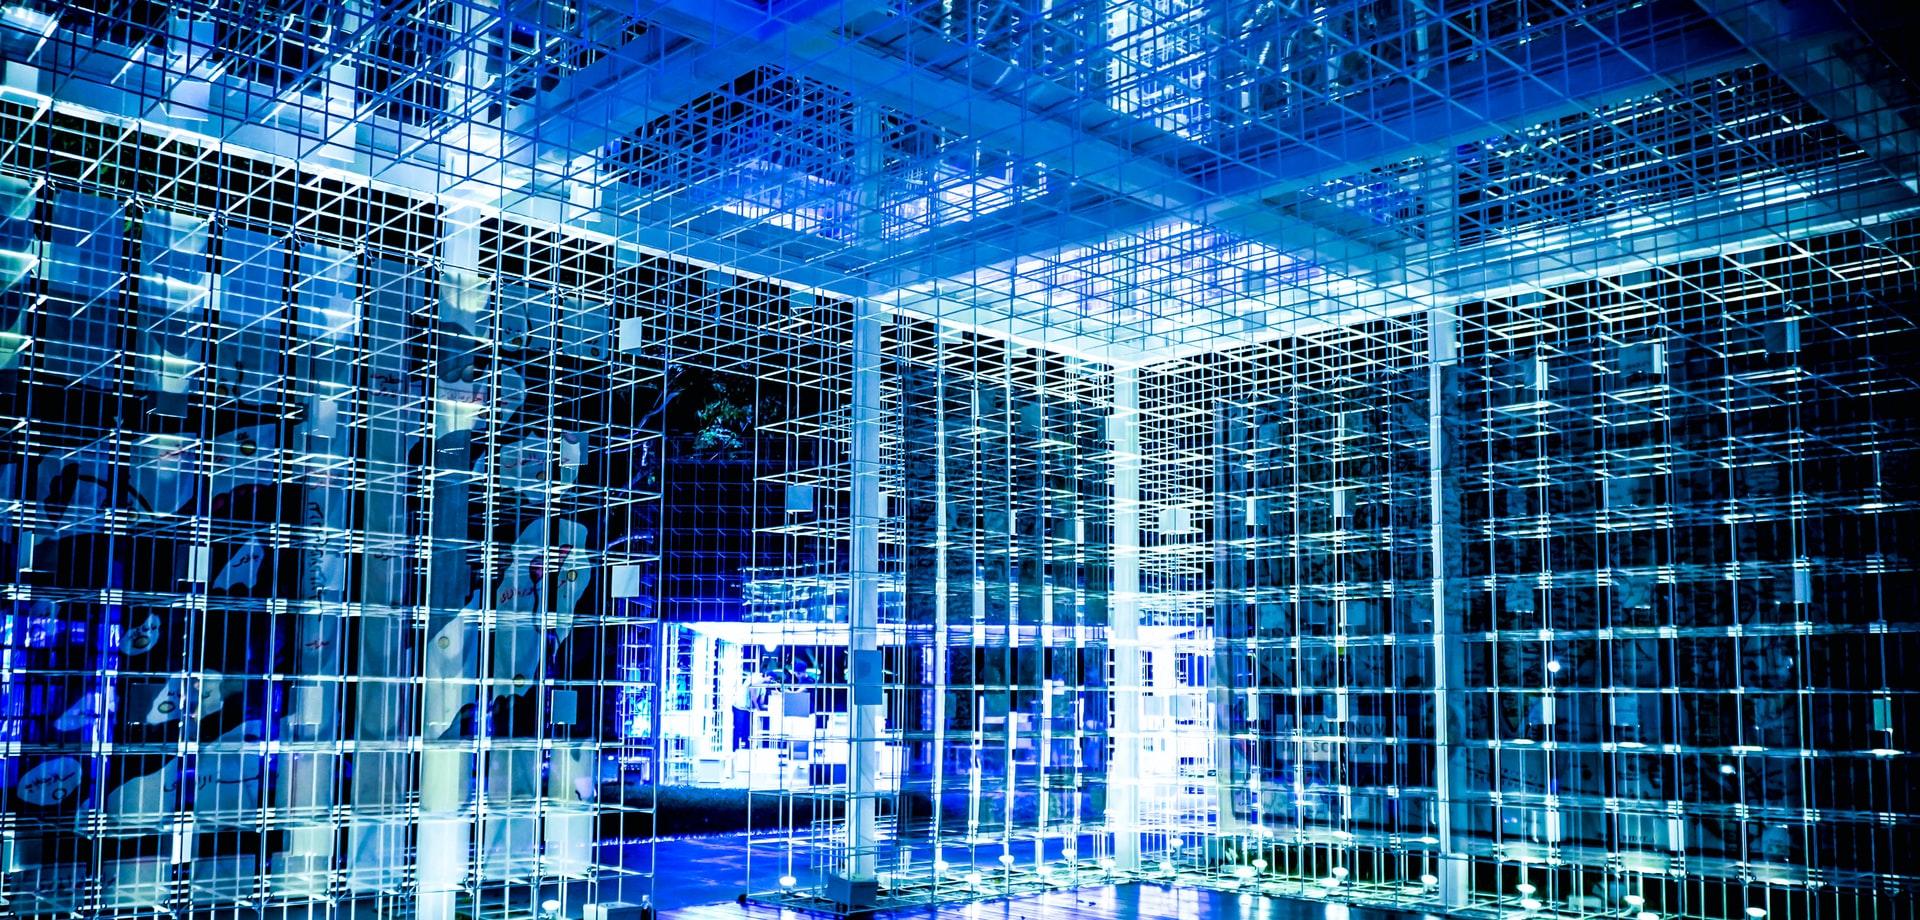 数据中心建设网络(Unnsplash免费)